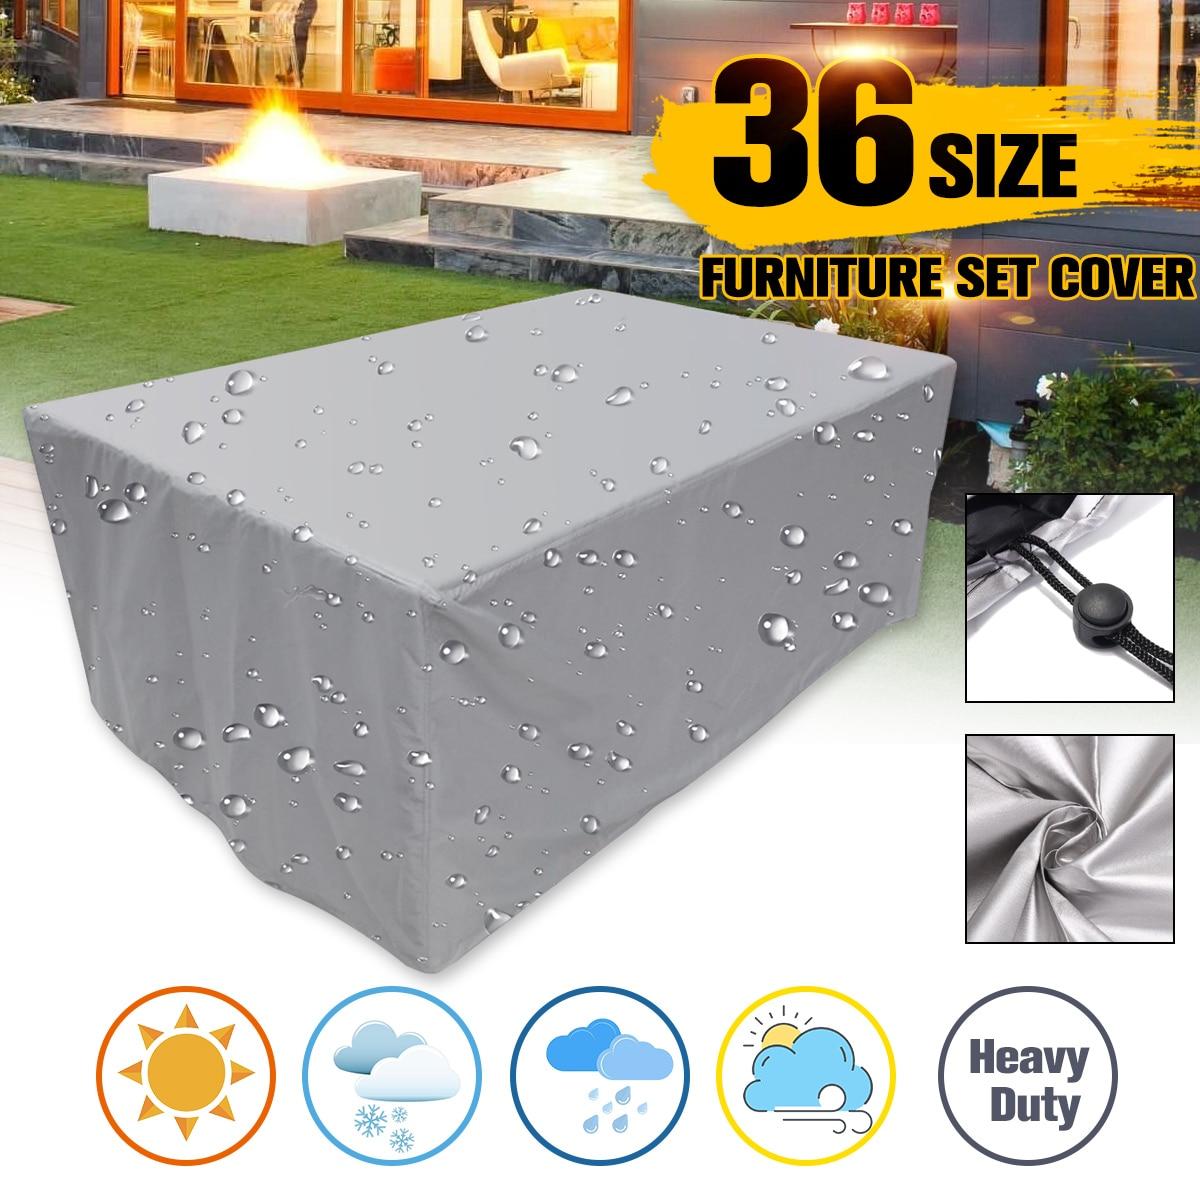 Cubierta de tela Oxford a prueba de polvo para silla de mesa de ratán sofá impermeable lluvia jardín patio al aire libre funda protectora